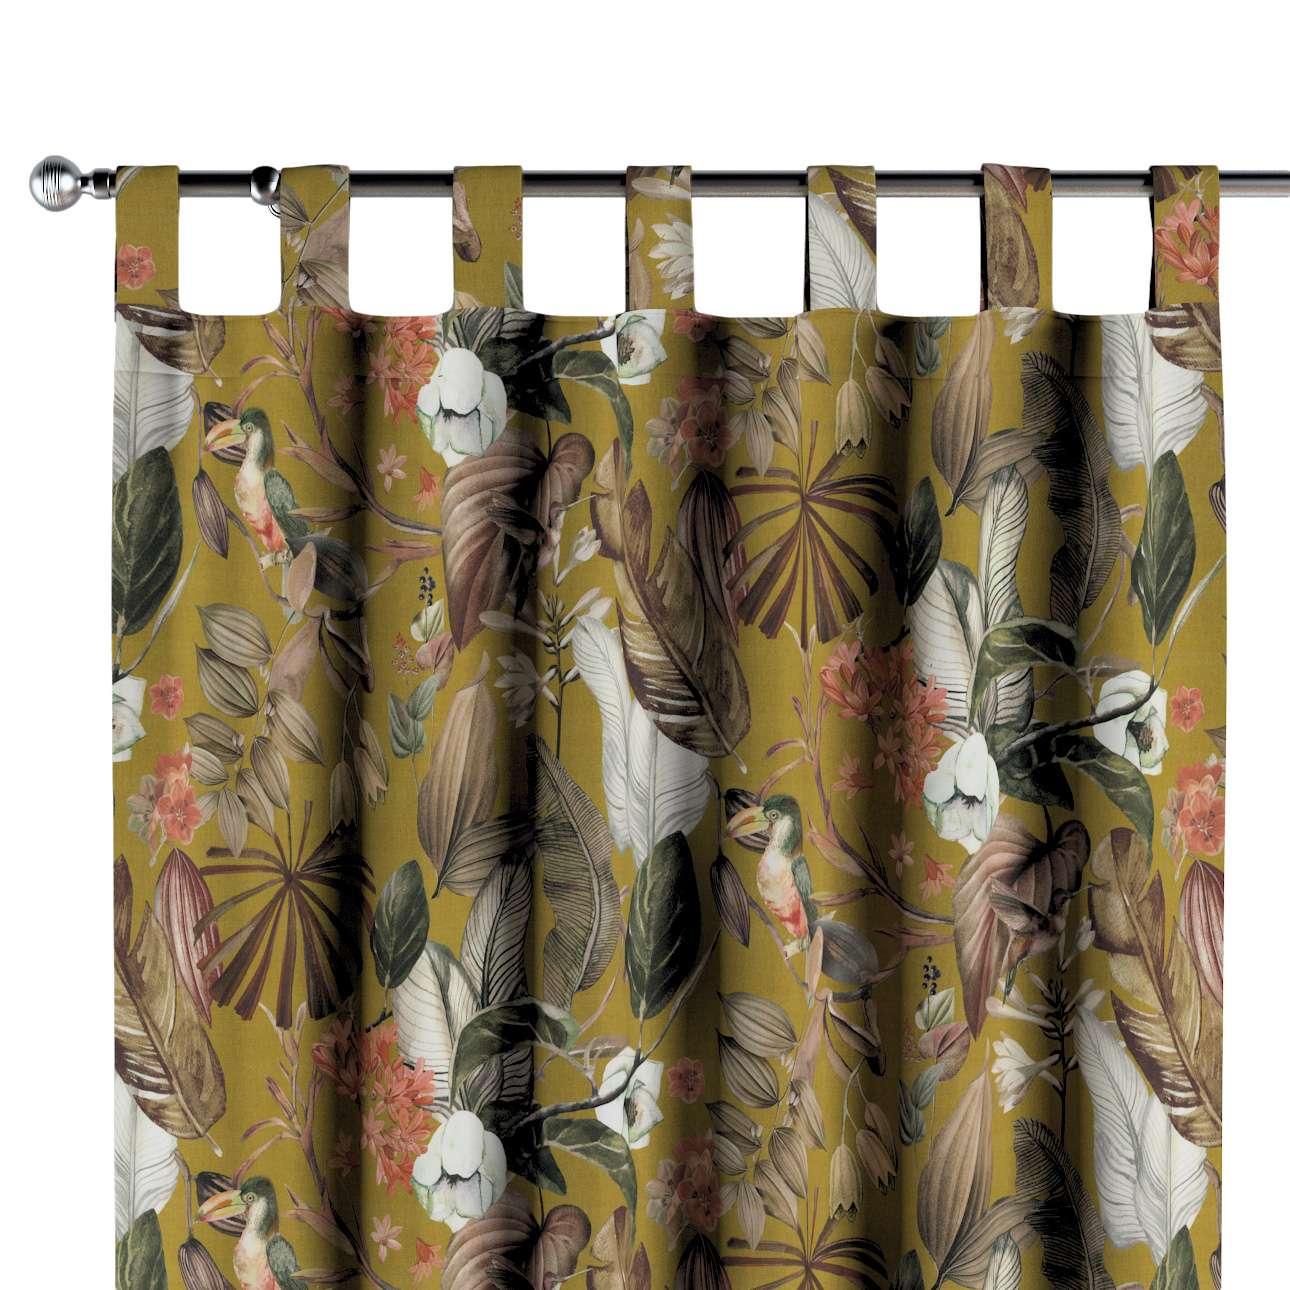 Zasłona na szelkach 1 szt. w kolekcji Abigail, tkanina: 143-09